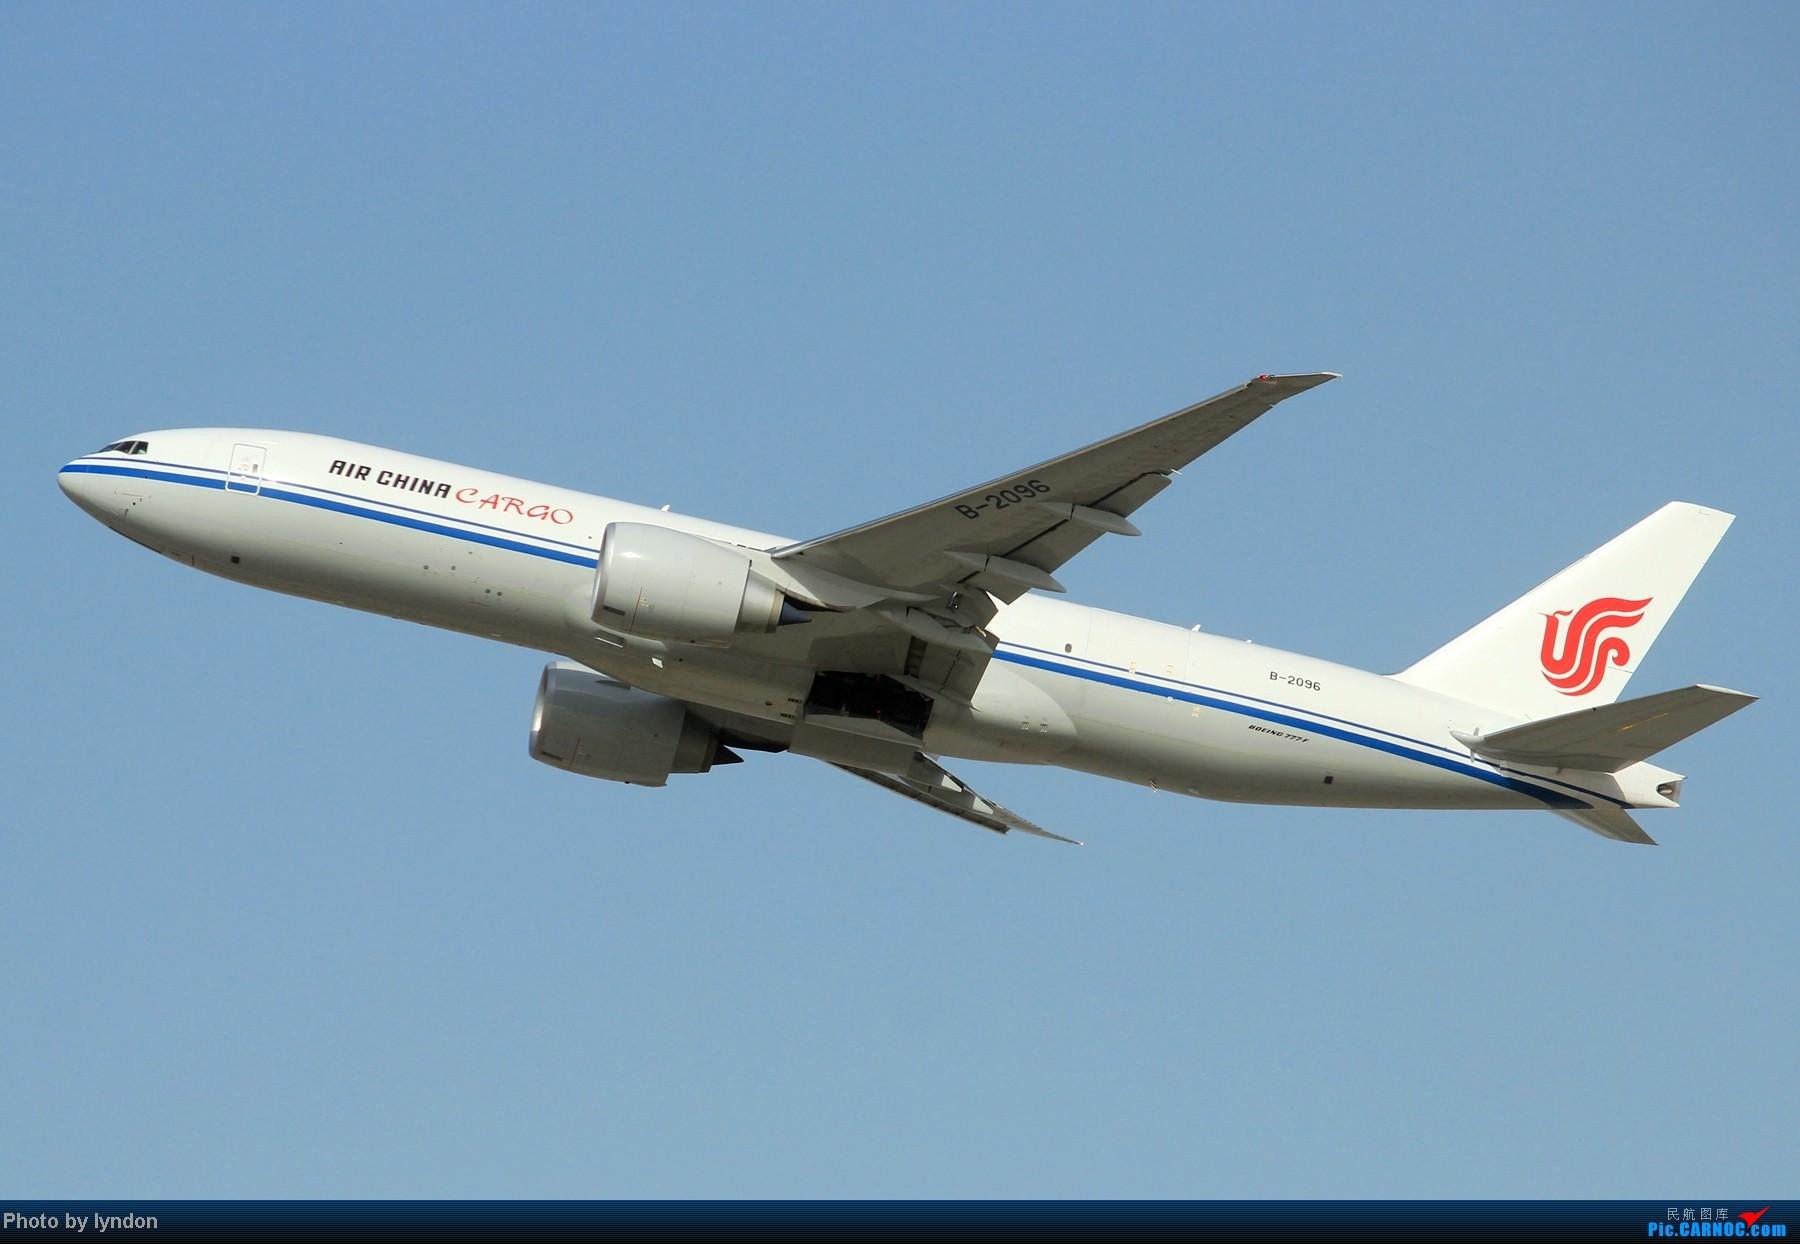 [原创]【HFE飞友】不多见的首都机场角度,无新机,无亮点,只有7P大图 BOEING 777-200 B-2096 中国北京首都机场